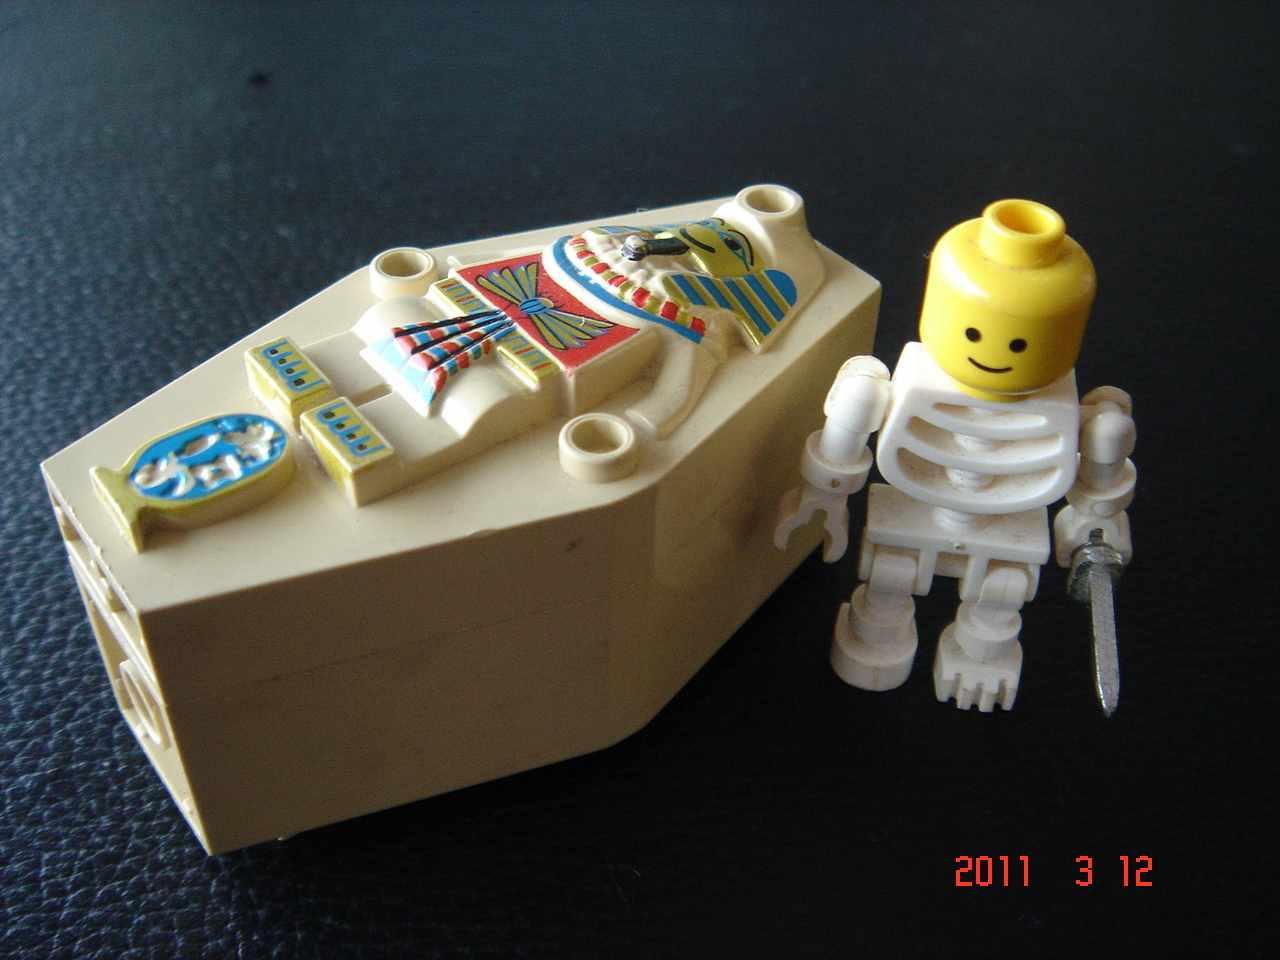 Brickshelf Gallery lego